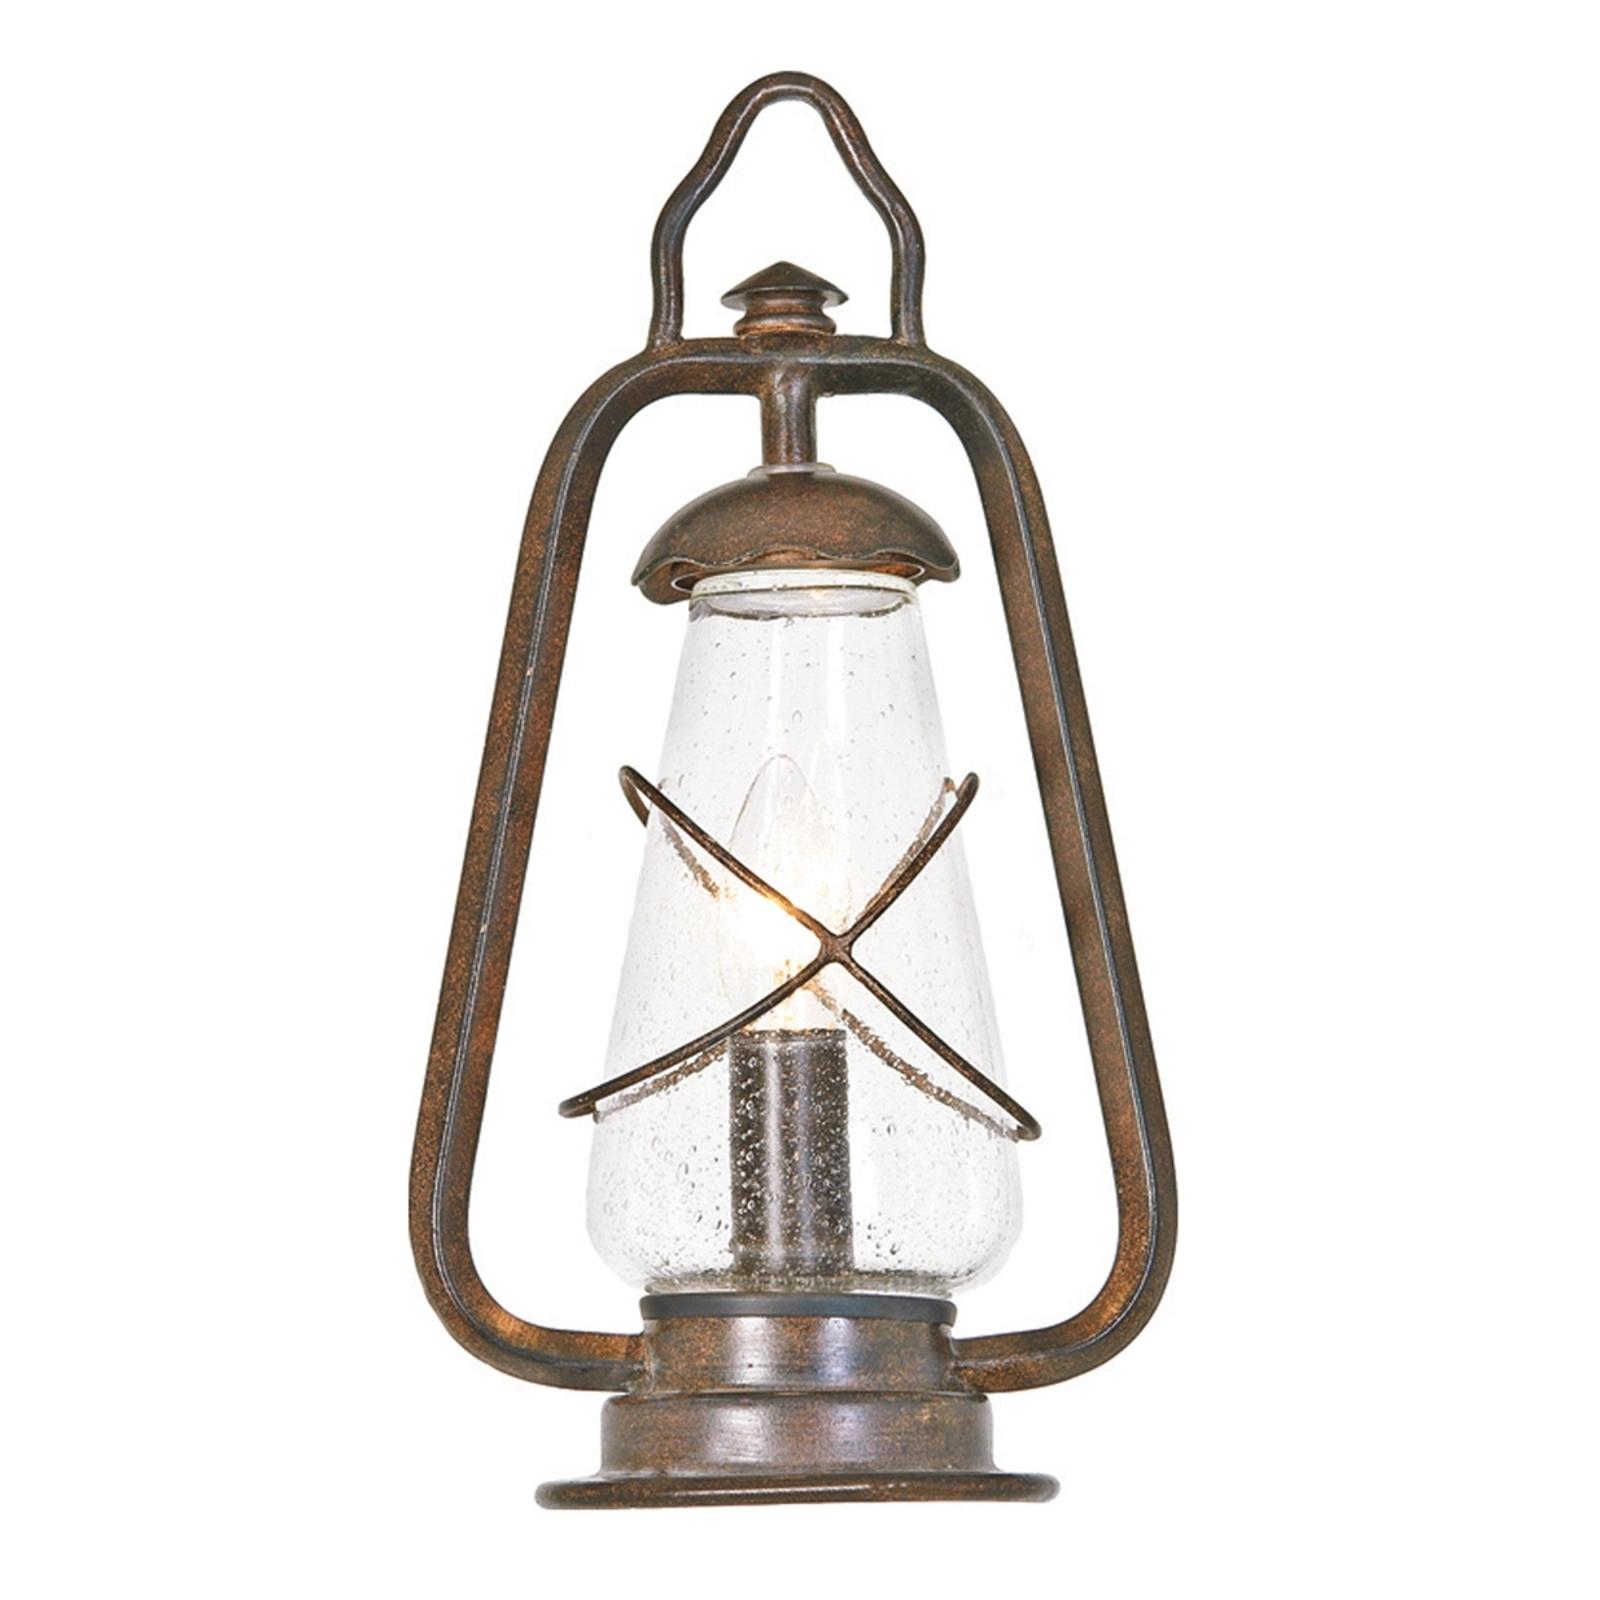 Sloupkové svítidlo Miners ve stylu hornické lampy